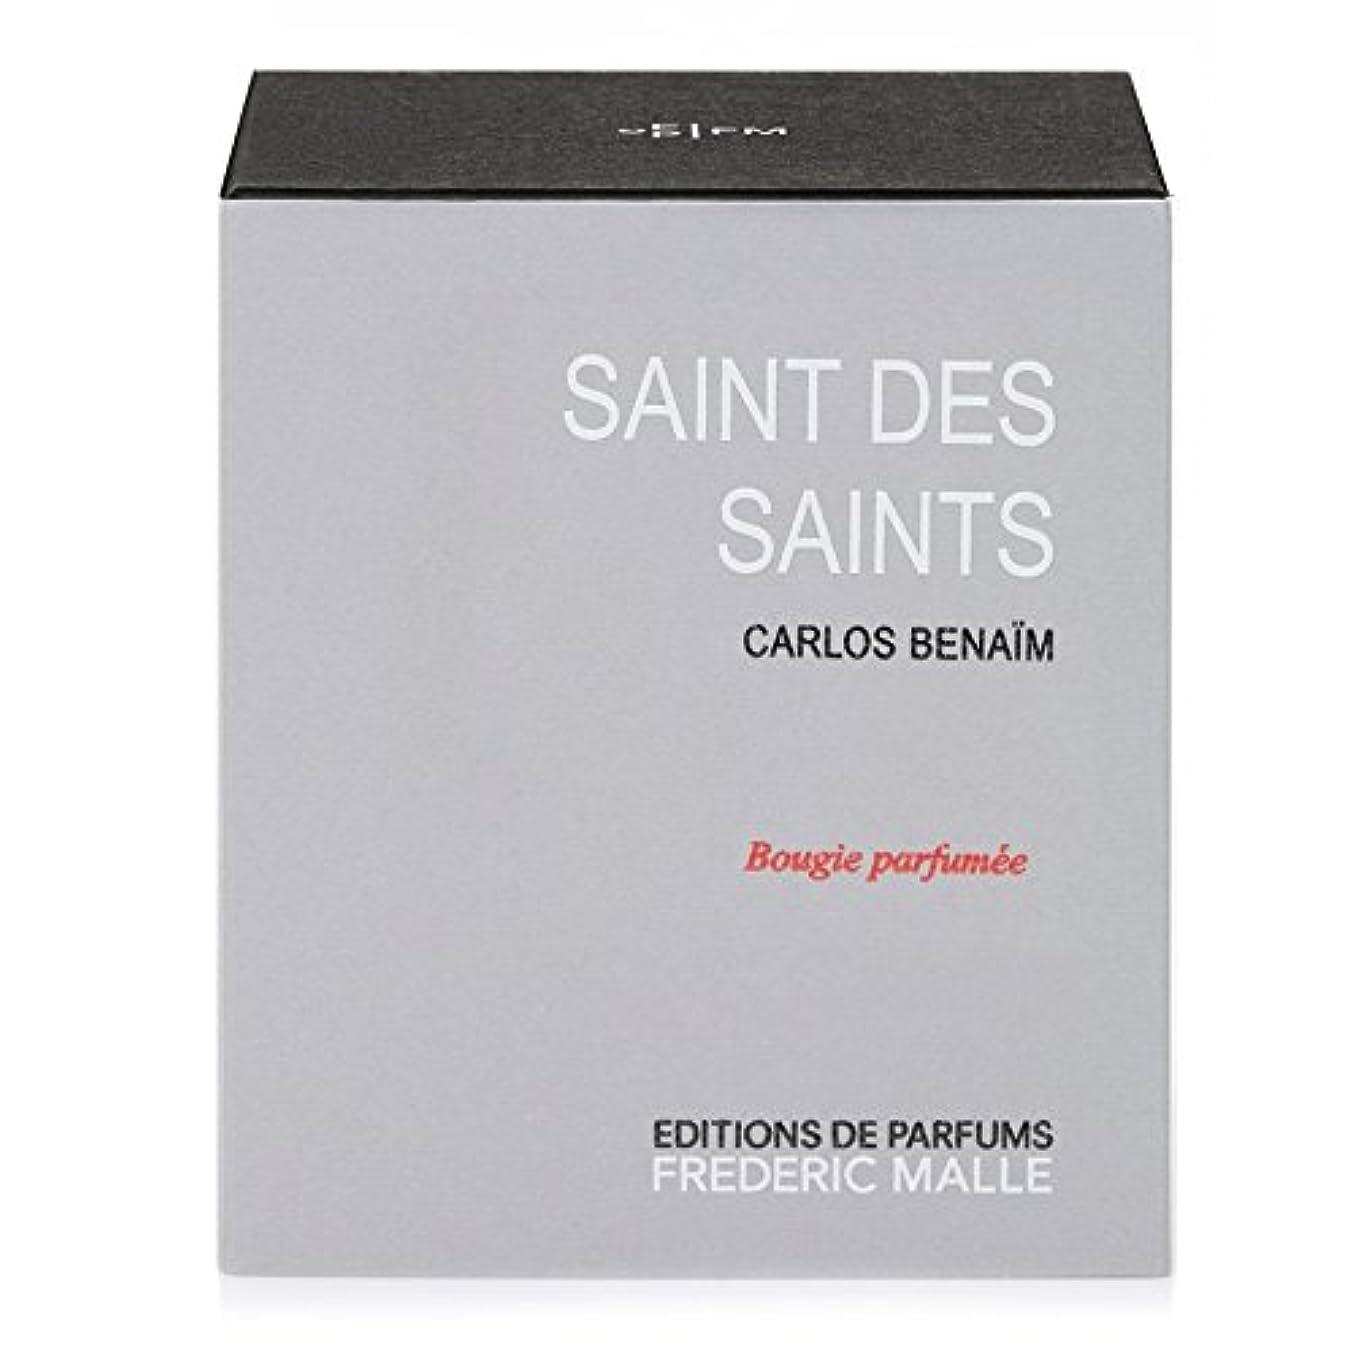 終了するどうしたの幻影Frederic Malle Saint Des Saints Scented Candle 220g (Pack of 4) - フレデリック?マル聖人デ聖人の香りのキャンドル220グラム x4 [並行輸入品]